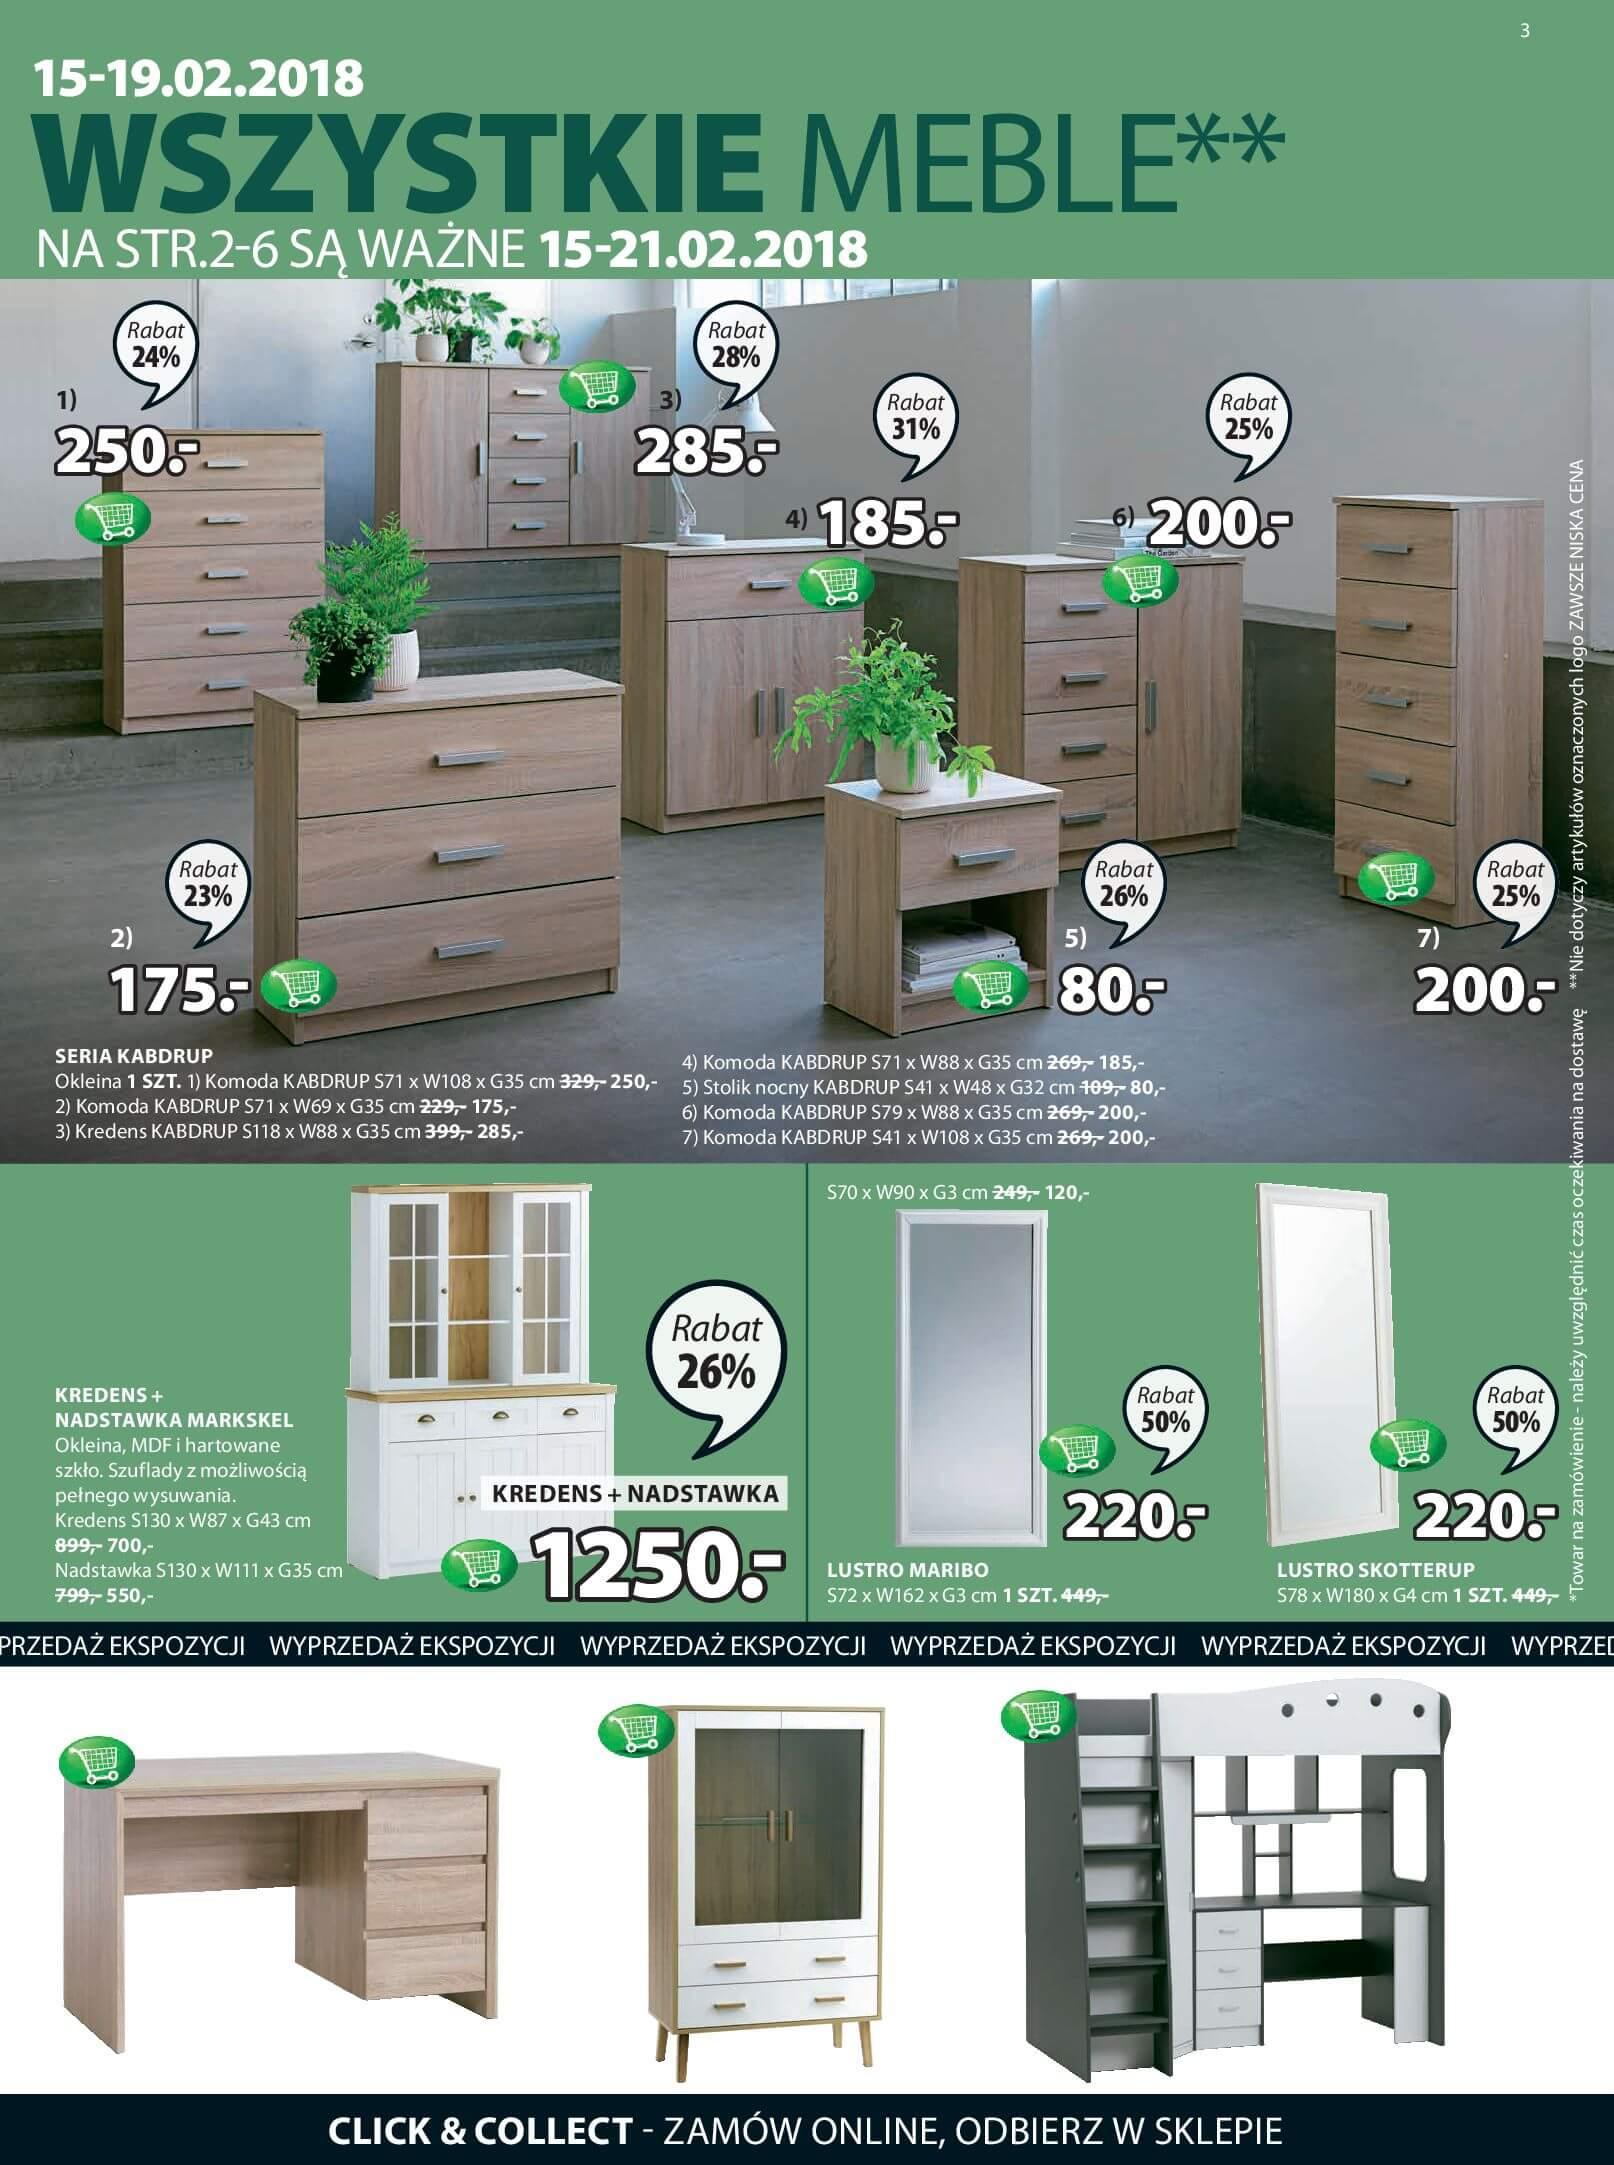 Gazetka Jysk - Inspirujące mieszkanie-14.02.2018-28.02.2018-page-3